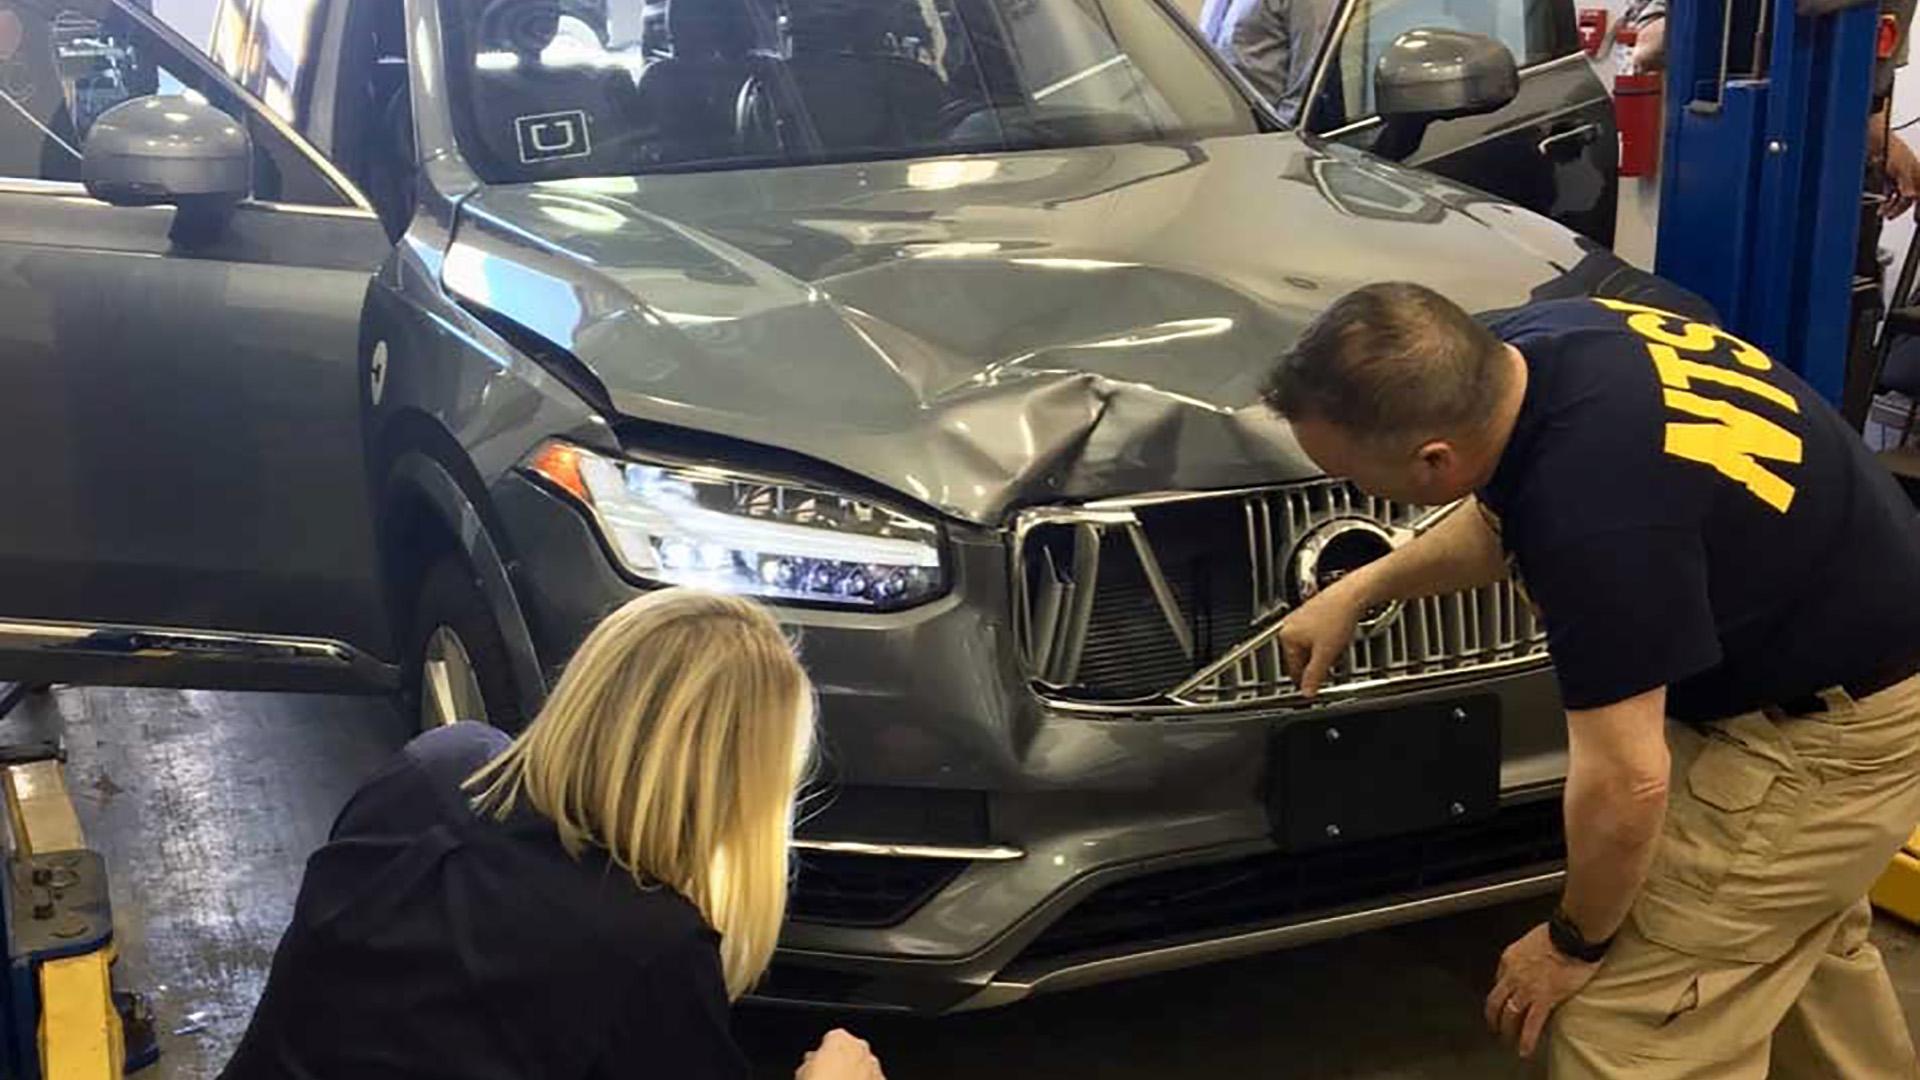 Accident mortel causé par une voiture autonome : Uber est fautif, mais il n'est pas le seul